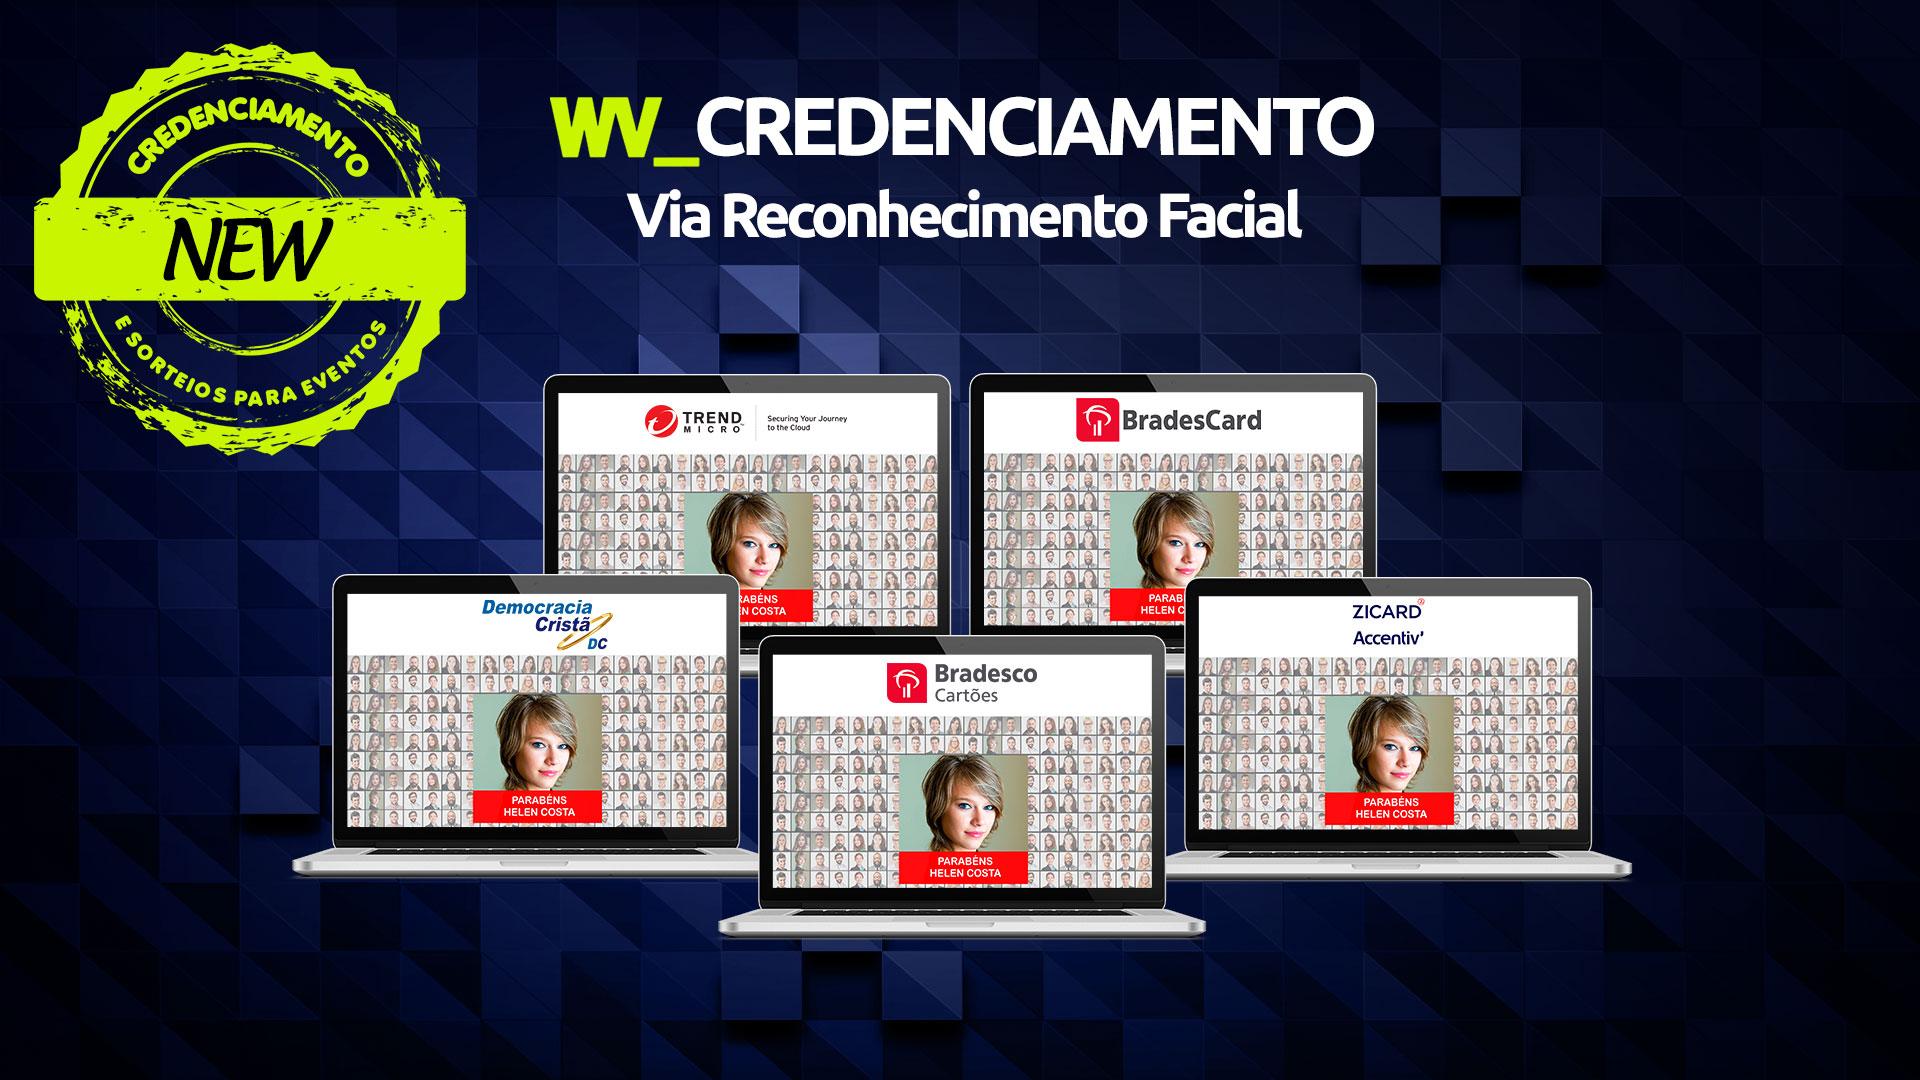 wv-todoz-credenciamentos-para-eventos